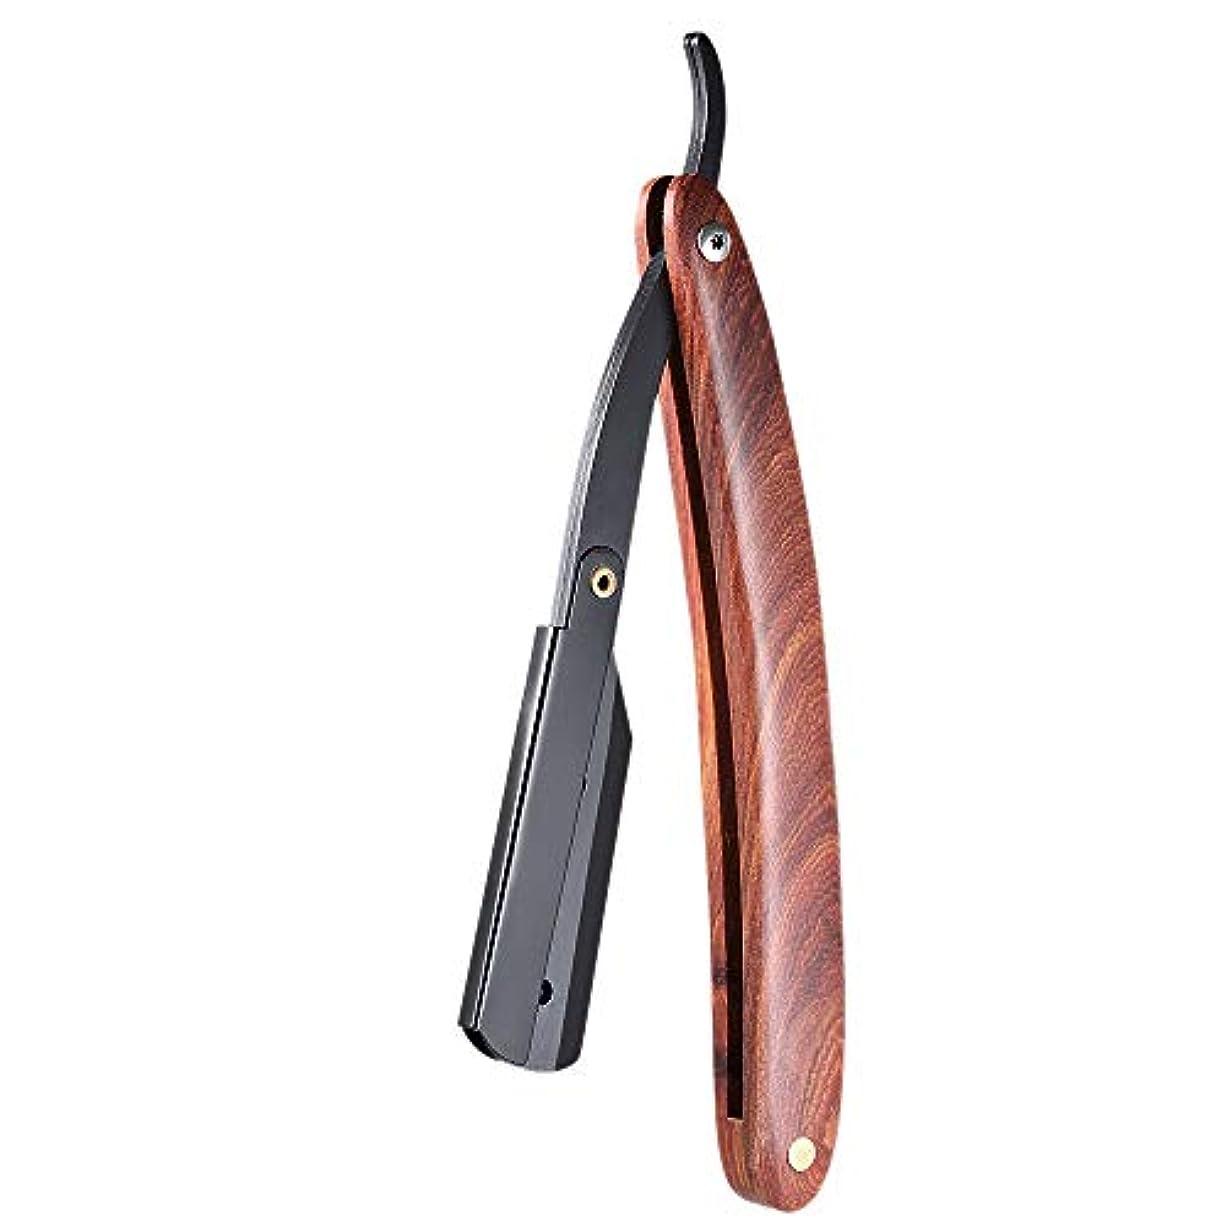 逆説くロードされたACAMPTAR 男性用シェービングのカミソリ、ストレートなエッジ、ステンレス鋼、手動かみそり、木製ハンドル、折りたたみ式シェービングナイフ、剃り、ひげのカッター、ポーチ